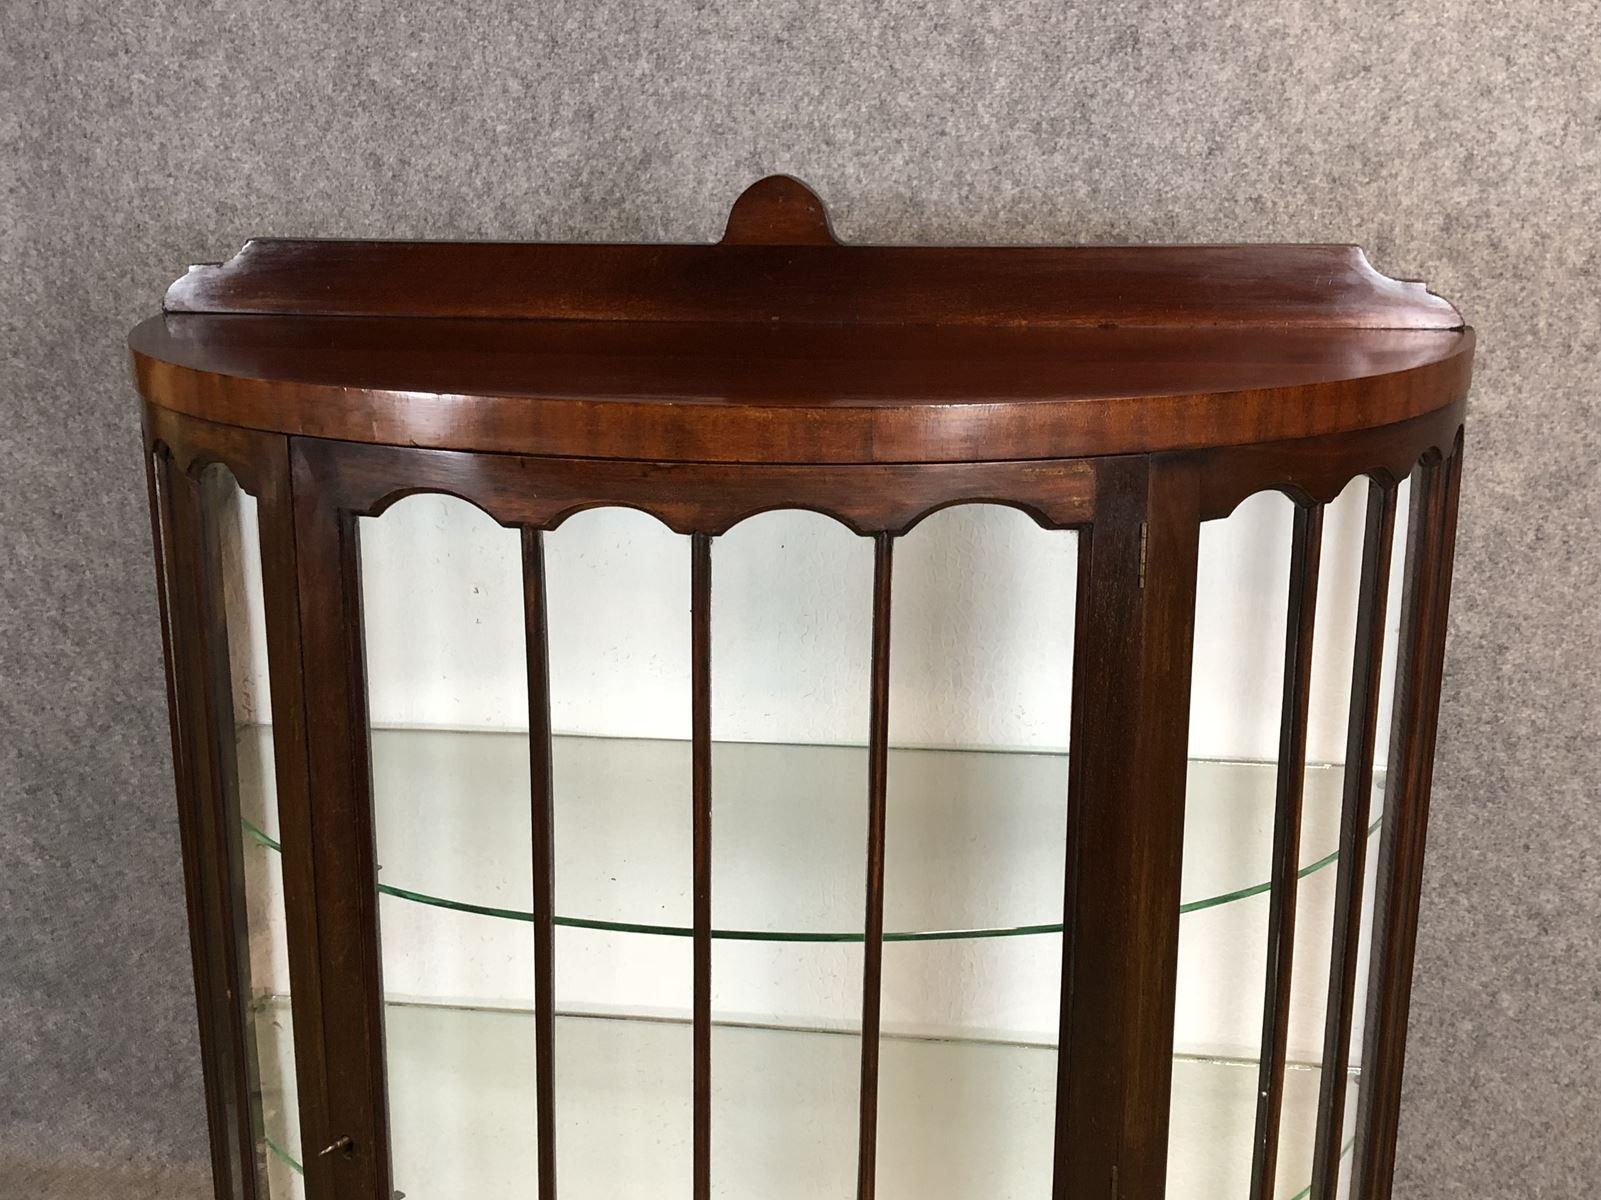 Meuble Style Chippendale En Acajou 1930s En Vente Sur Pamono